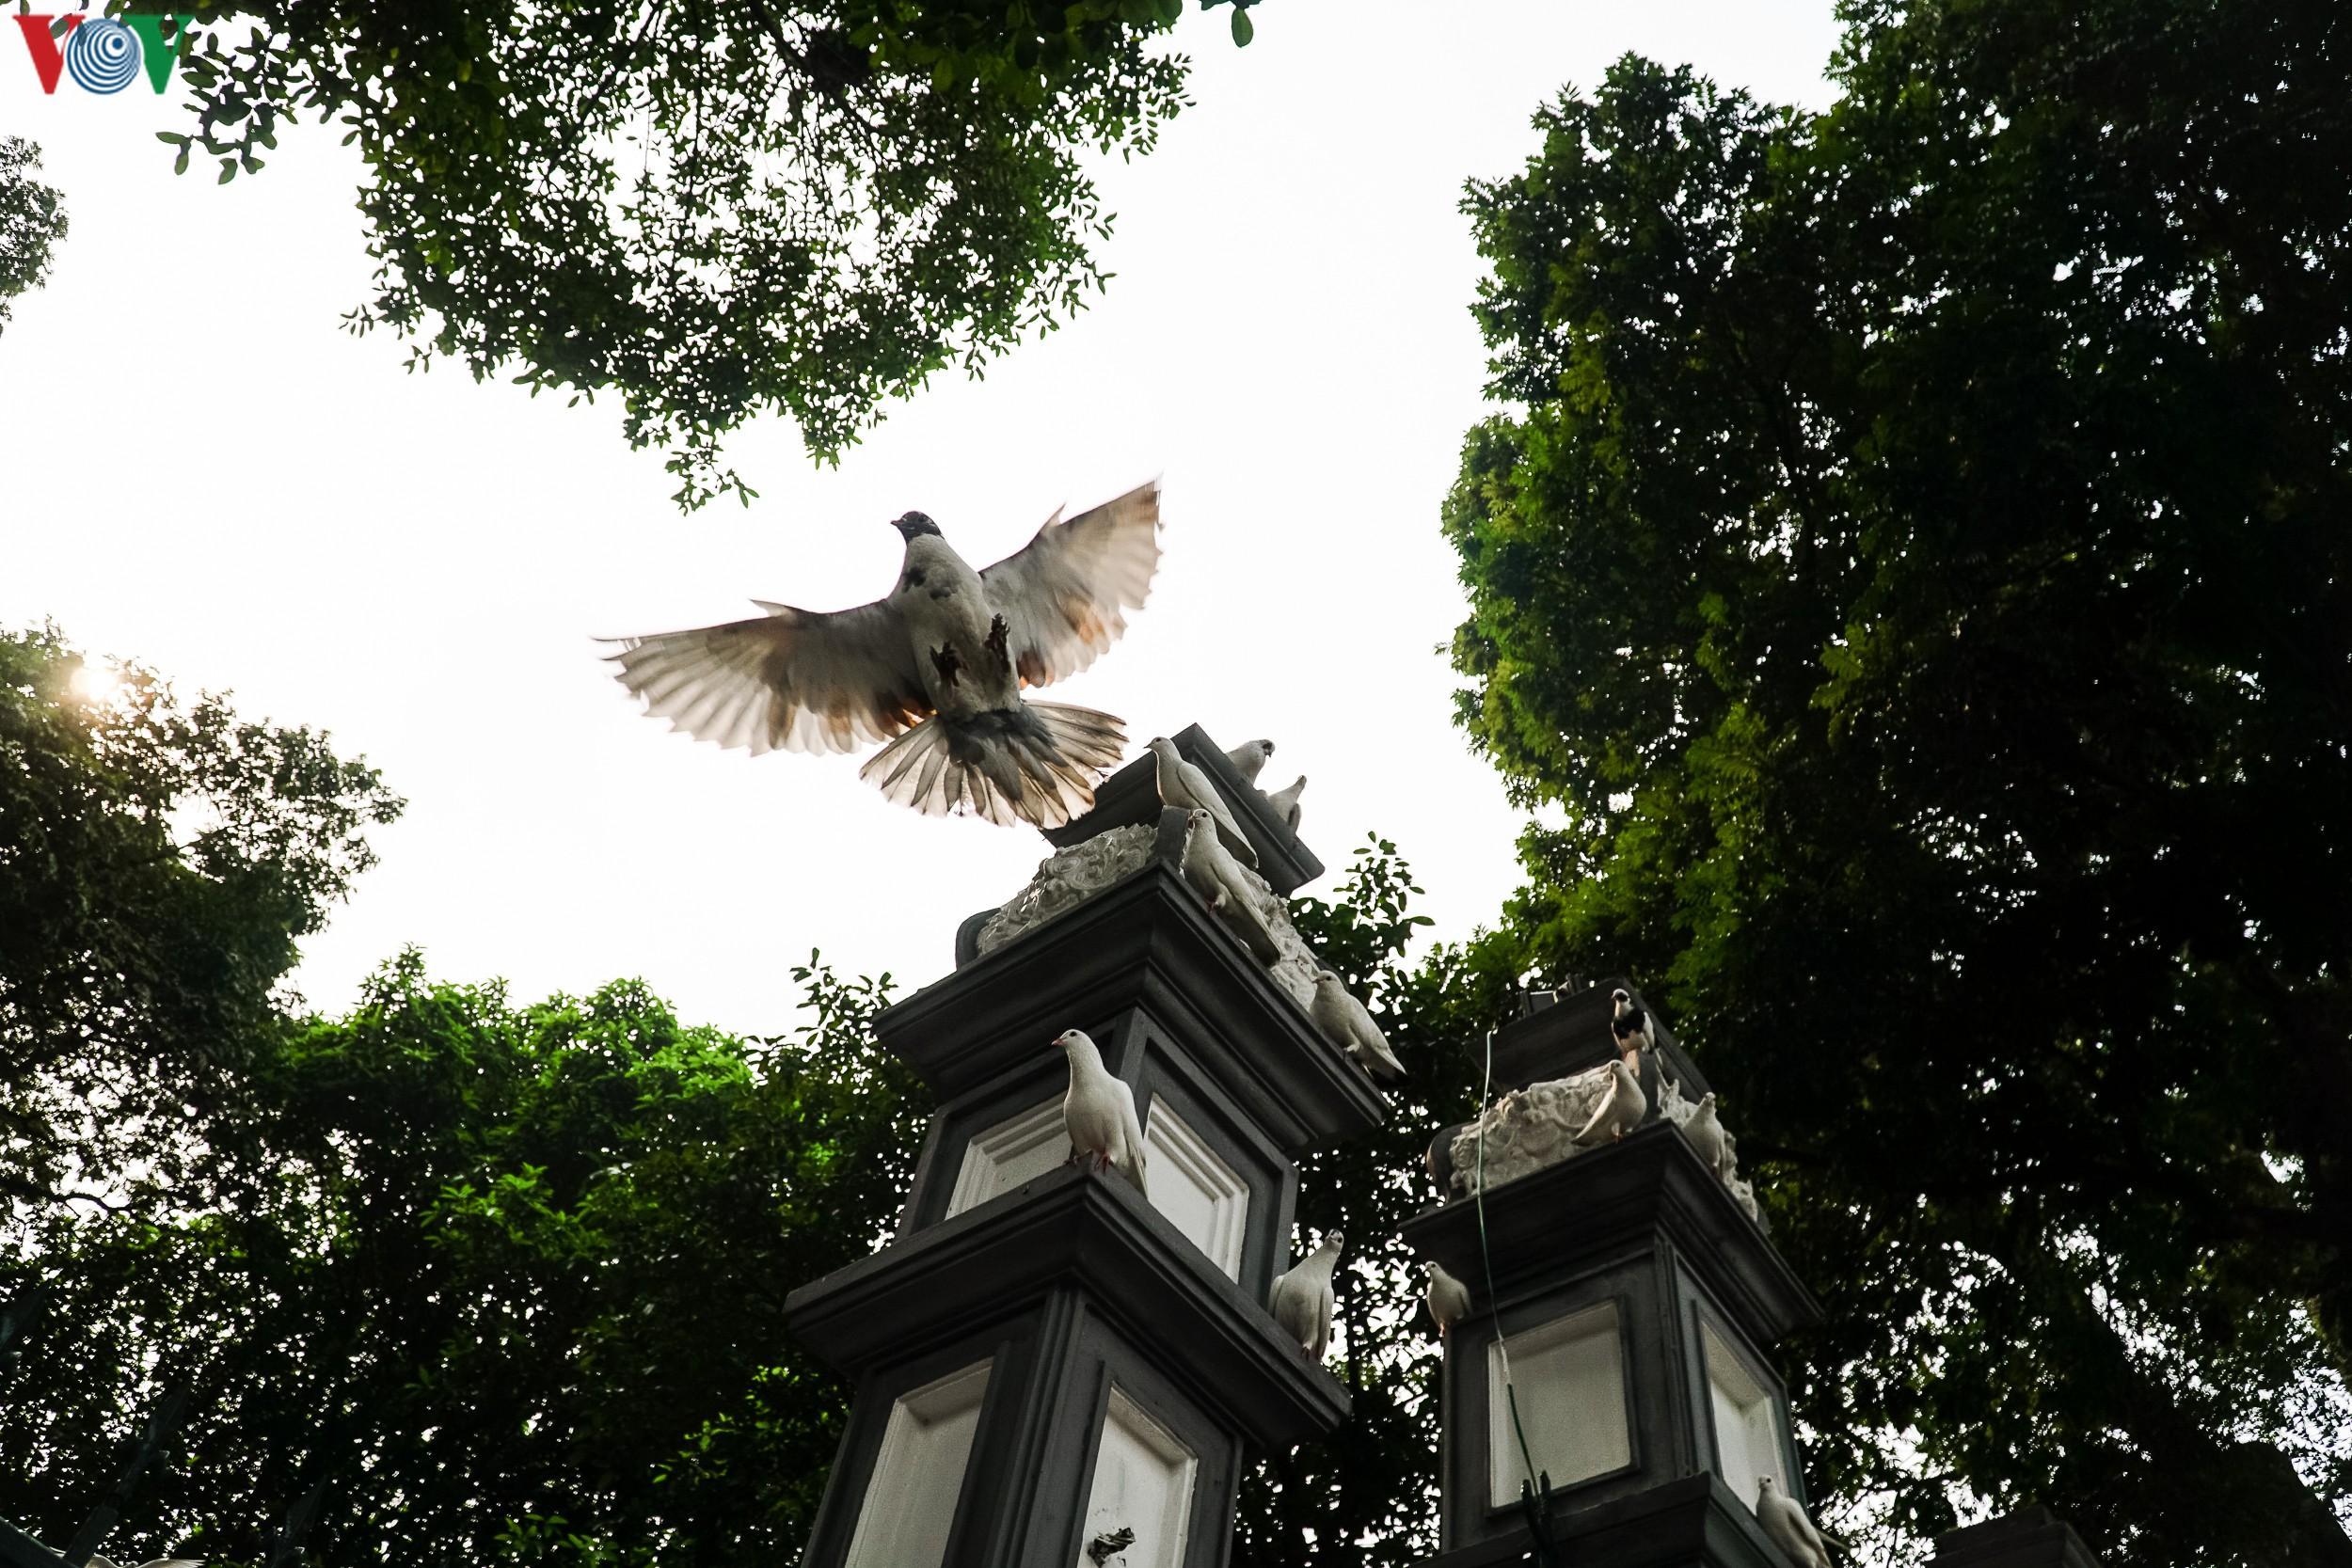 Ngắm đàn chim bồ câu bên hồ Hoàn Kiếm Ảnh 12